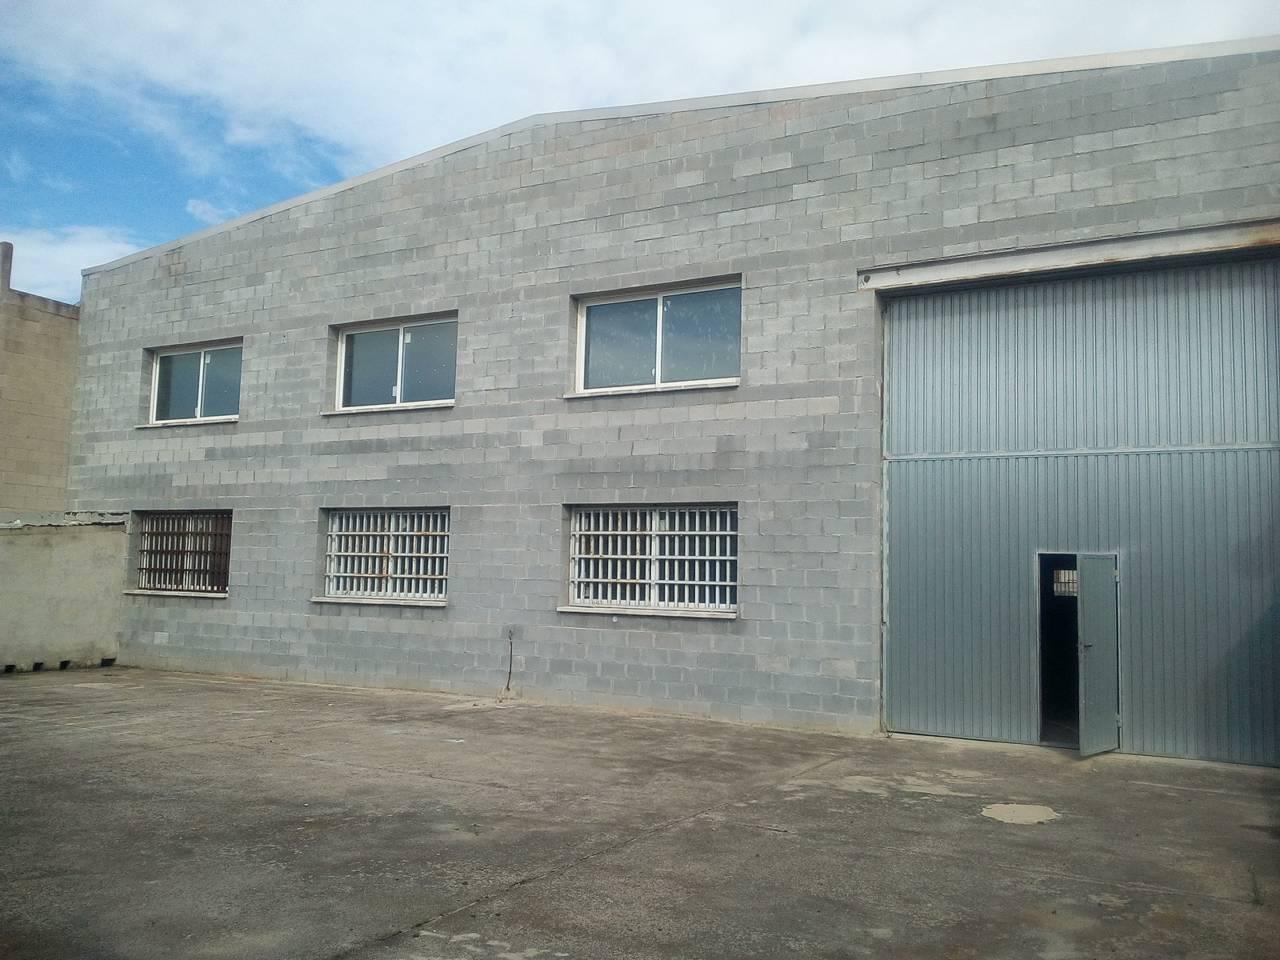 Lloguer Nau industrial  a de caldes. Superf. 665 m², 400 m² solar, aislantes, oficina (120m²), estruc